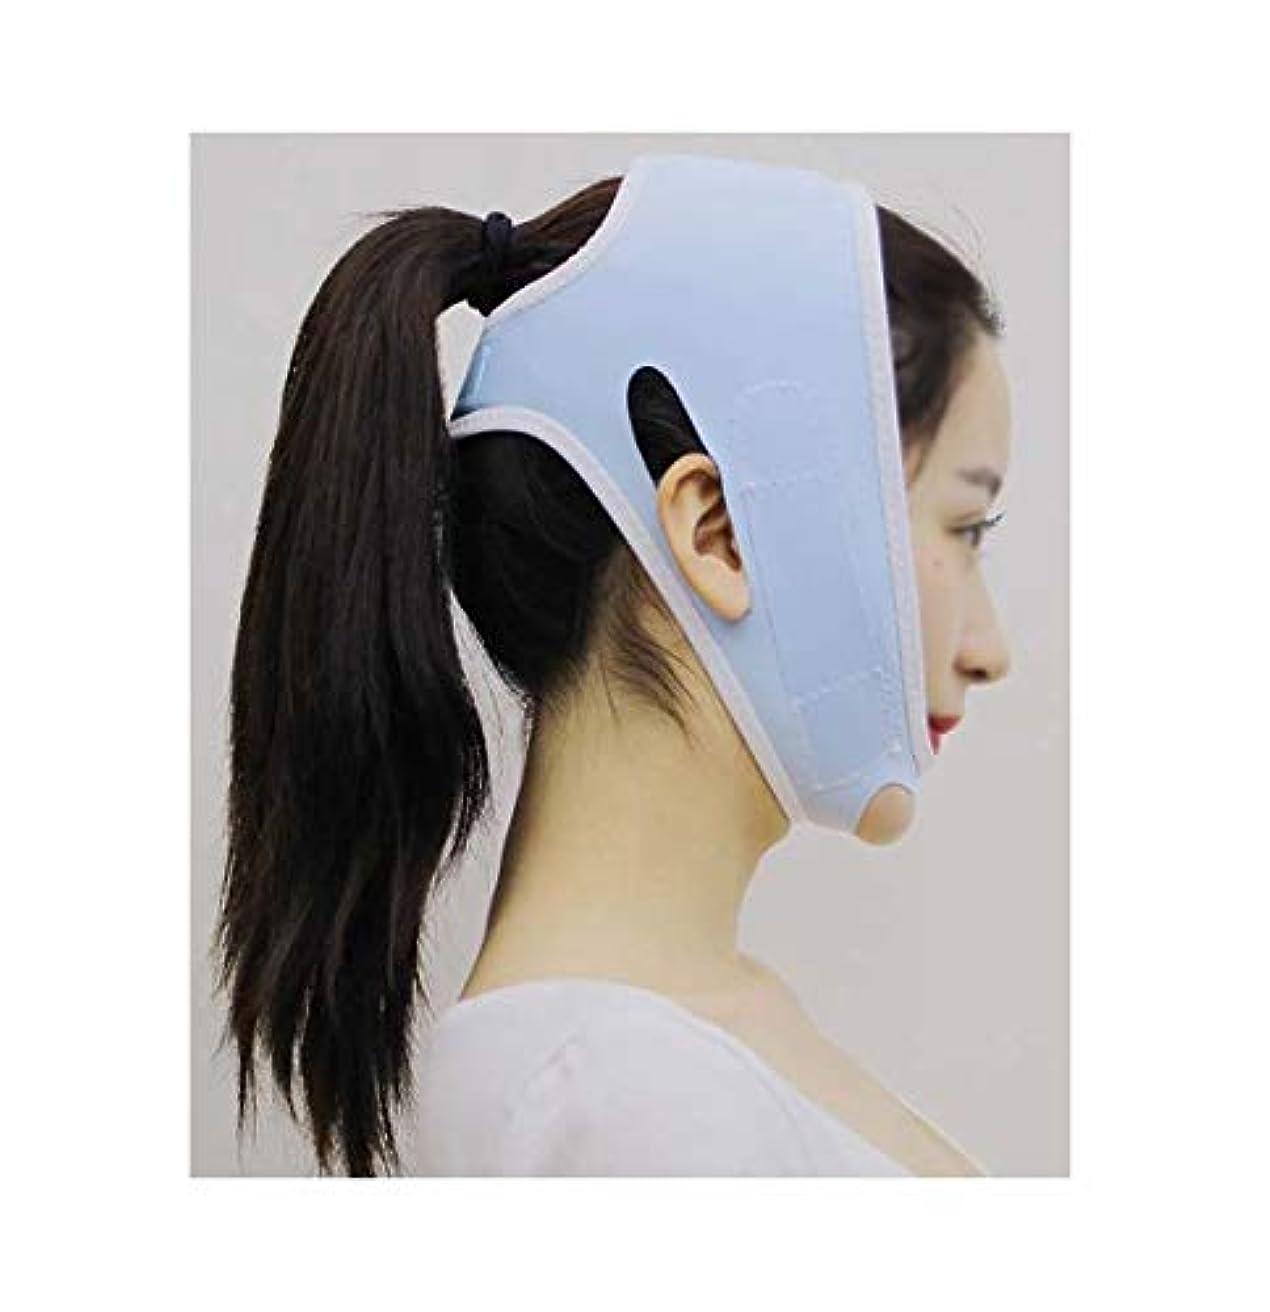 祭司息苦しいカロリーTLMY 包帯ヘッドギアマスクの顔Vの顔の薄い顔のアーティファクトプラスチック美容ゴムバンドフェイスリフトネックリフト後薄い顔マスクあごベルトの回復 顔用整形マスク (Color : Blue)